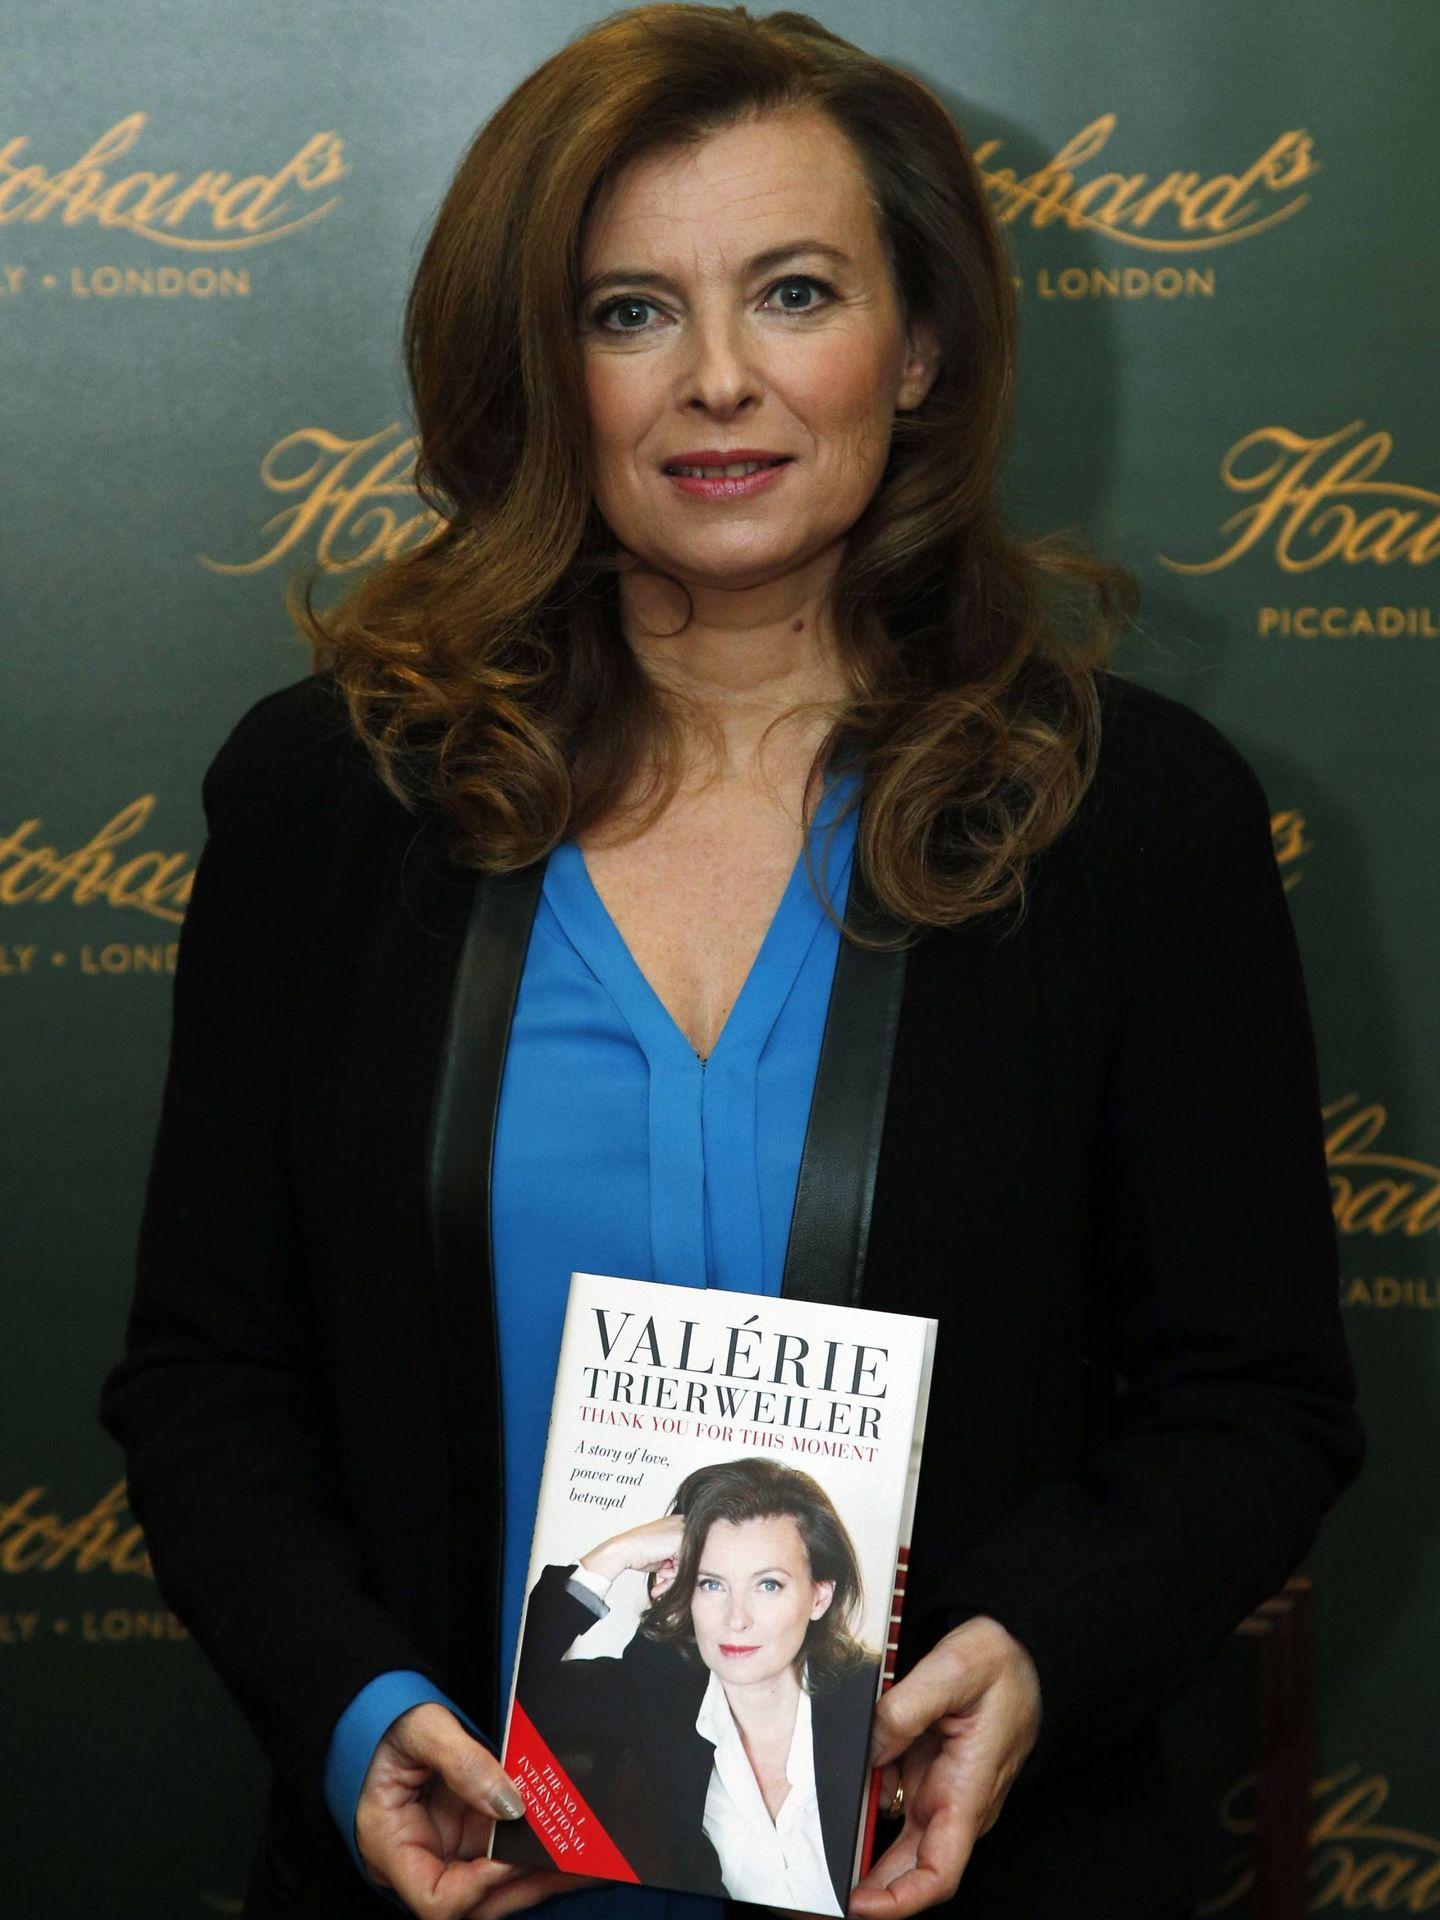 Trierweiler, presentando su libro en Londres. (CP)